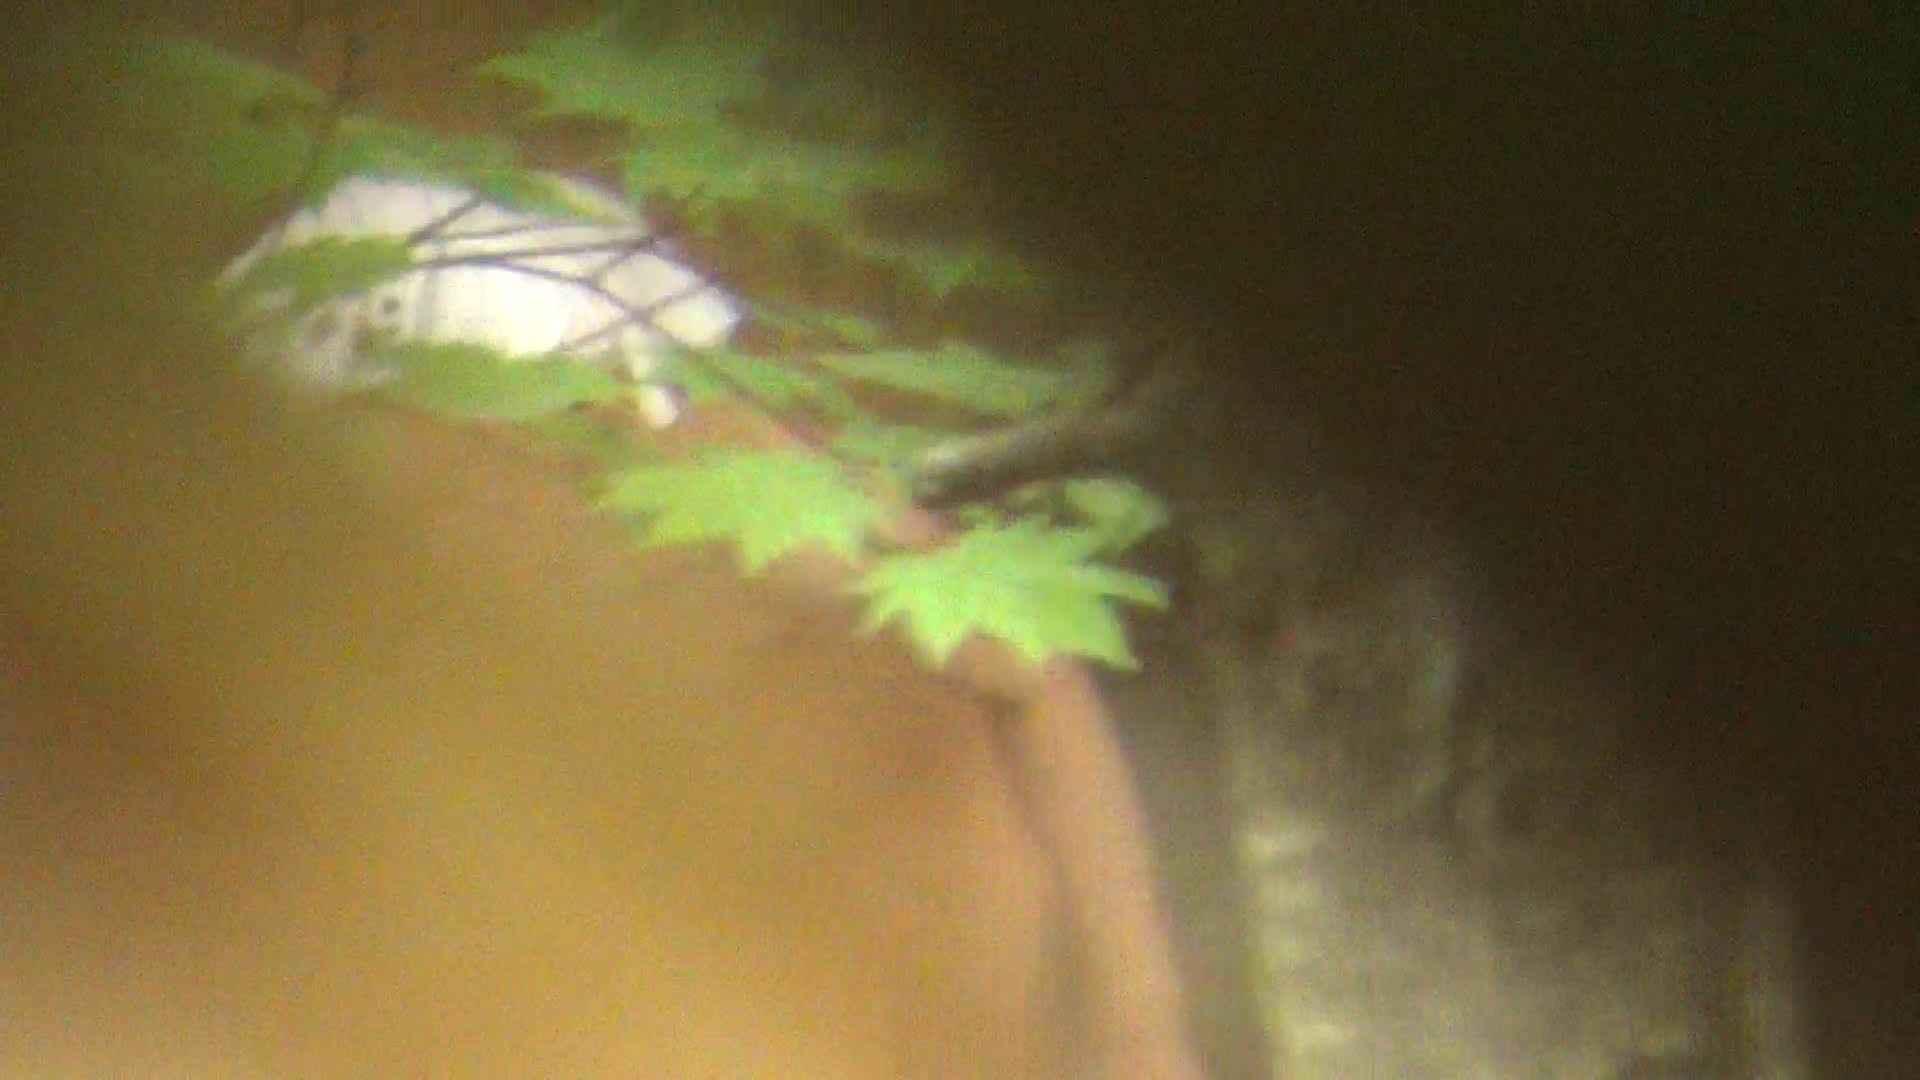 Aquaな露天風呂Vol.247 盗撮  106画像 3